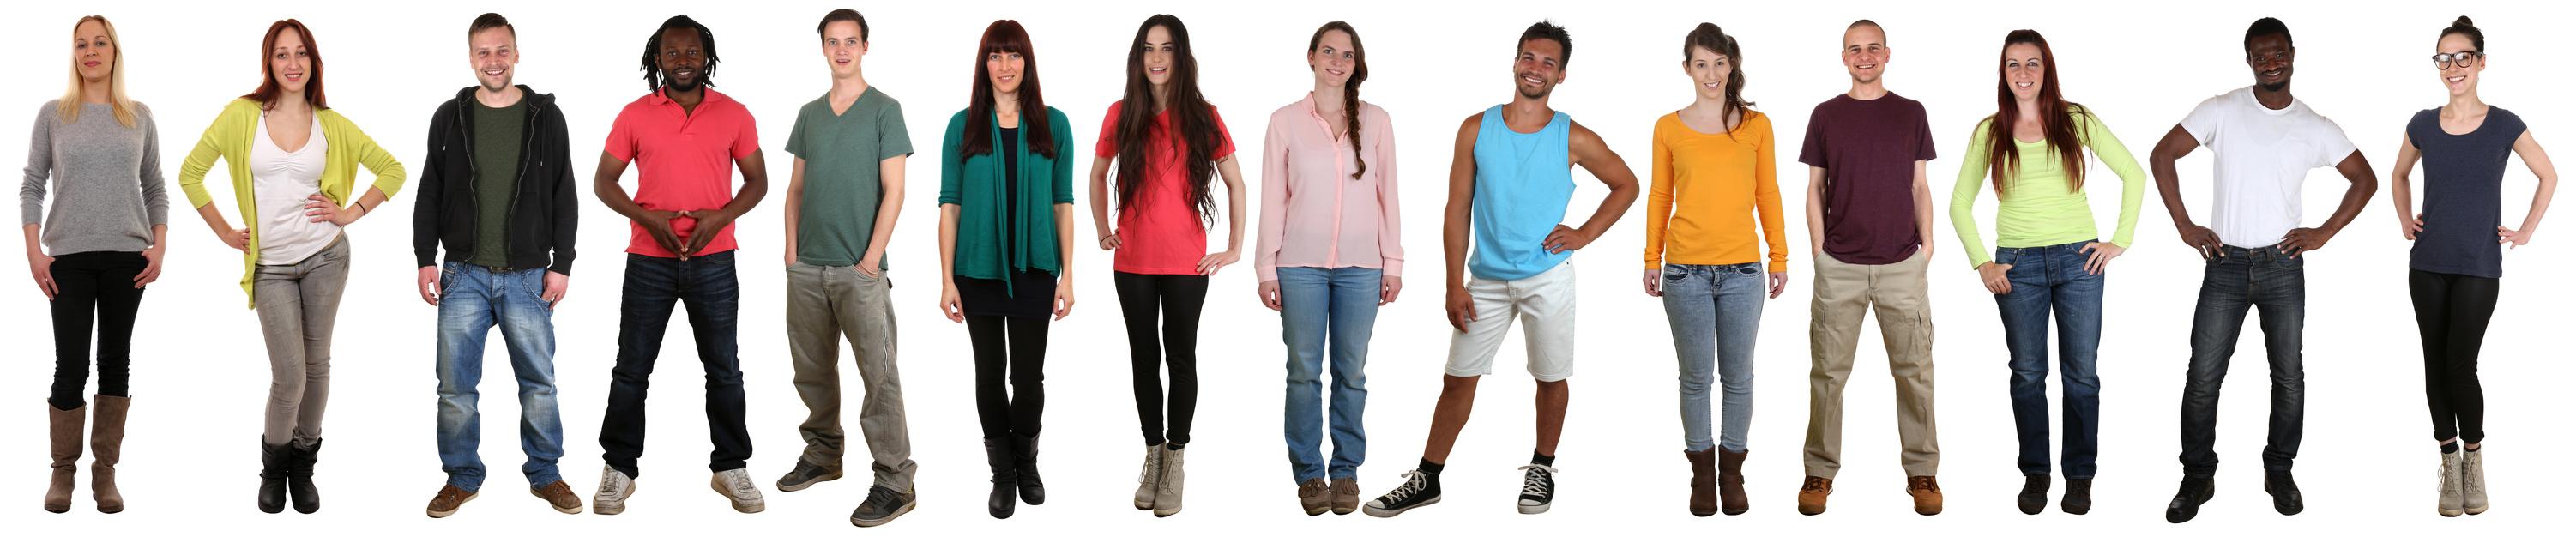 Lachen glücklich multikulturell Gruppe junge Menschen in einer Reihe freigestellt vor einem weissen Hintergrund